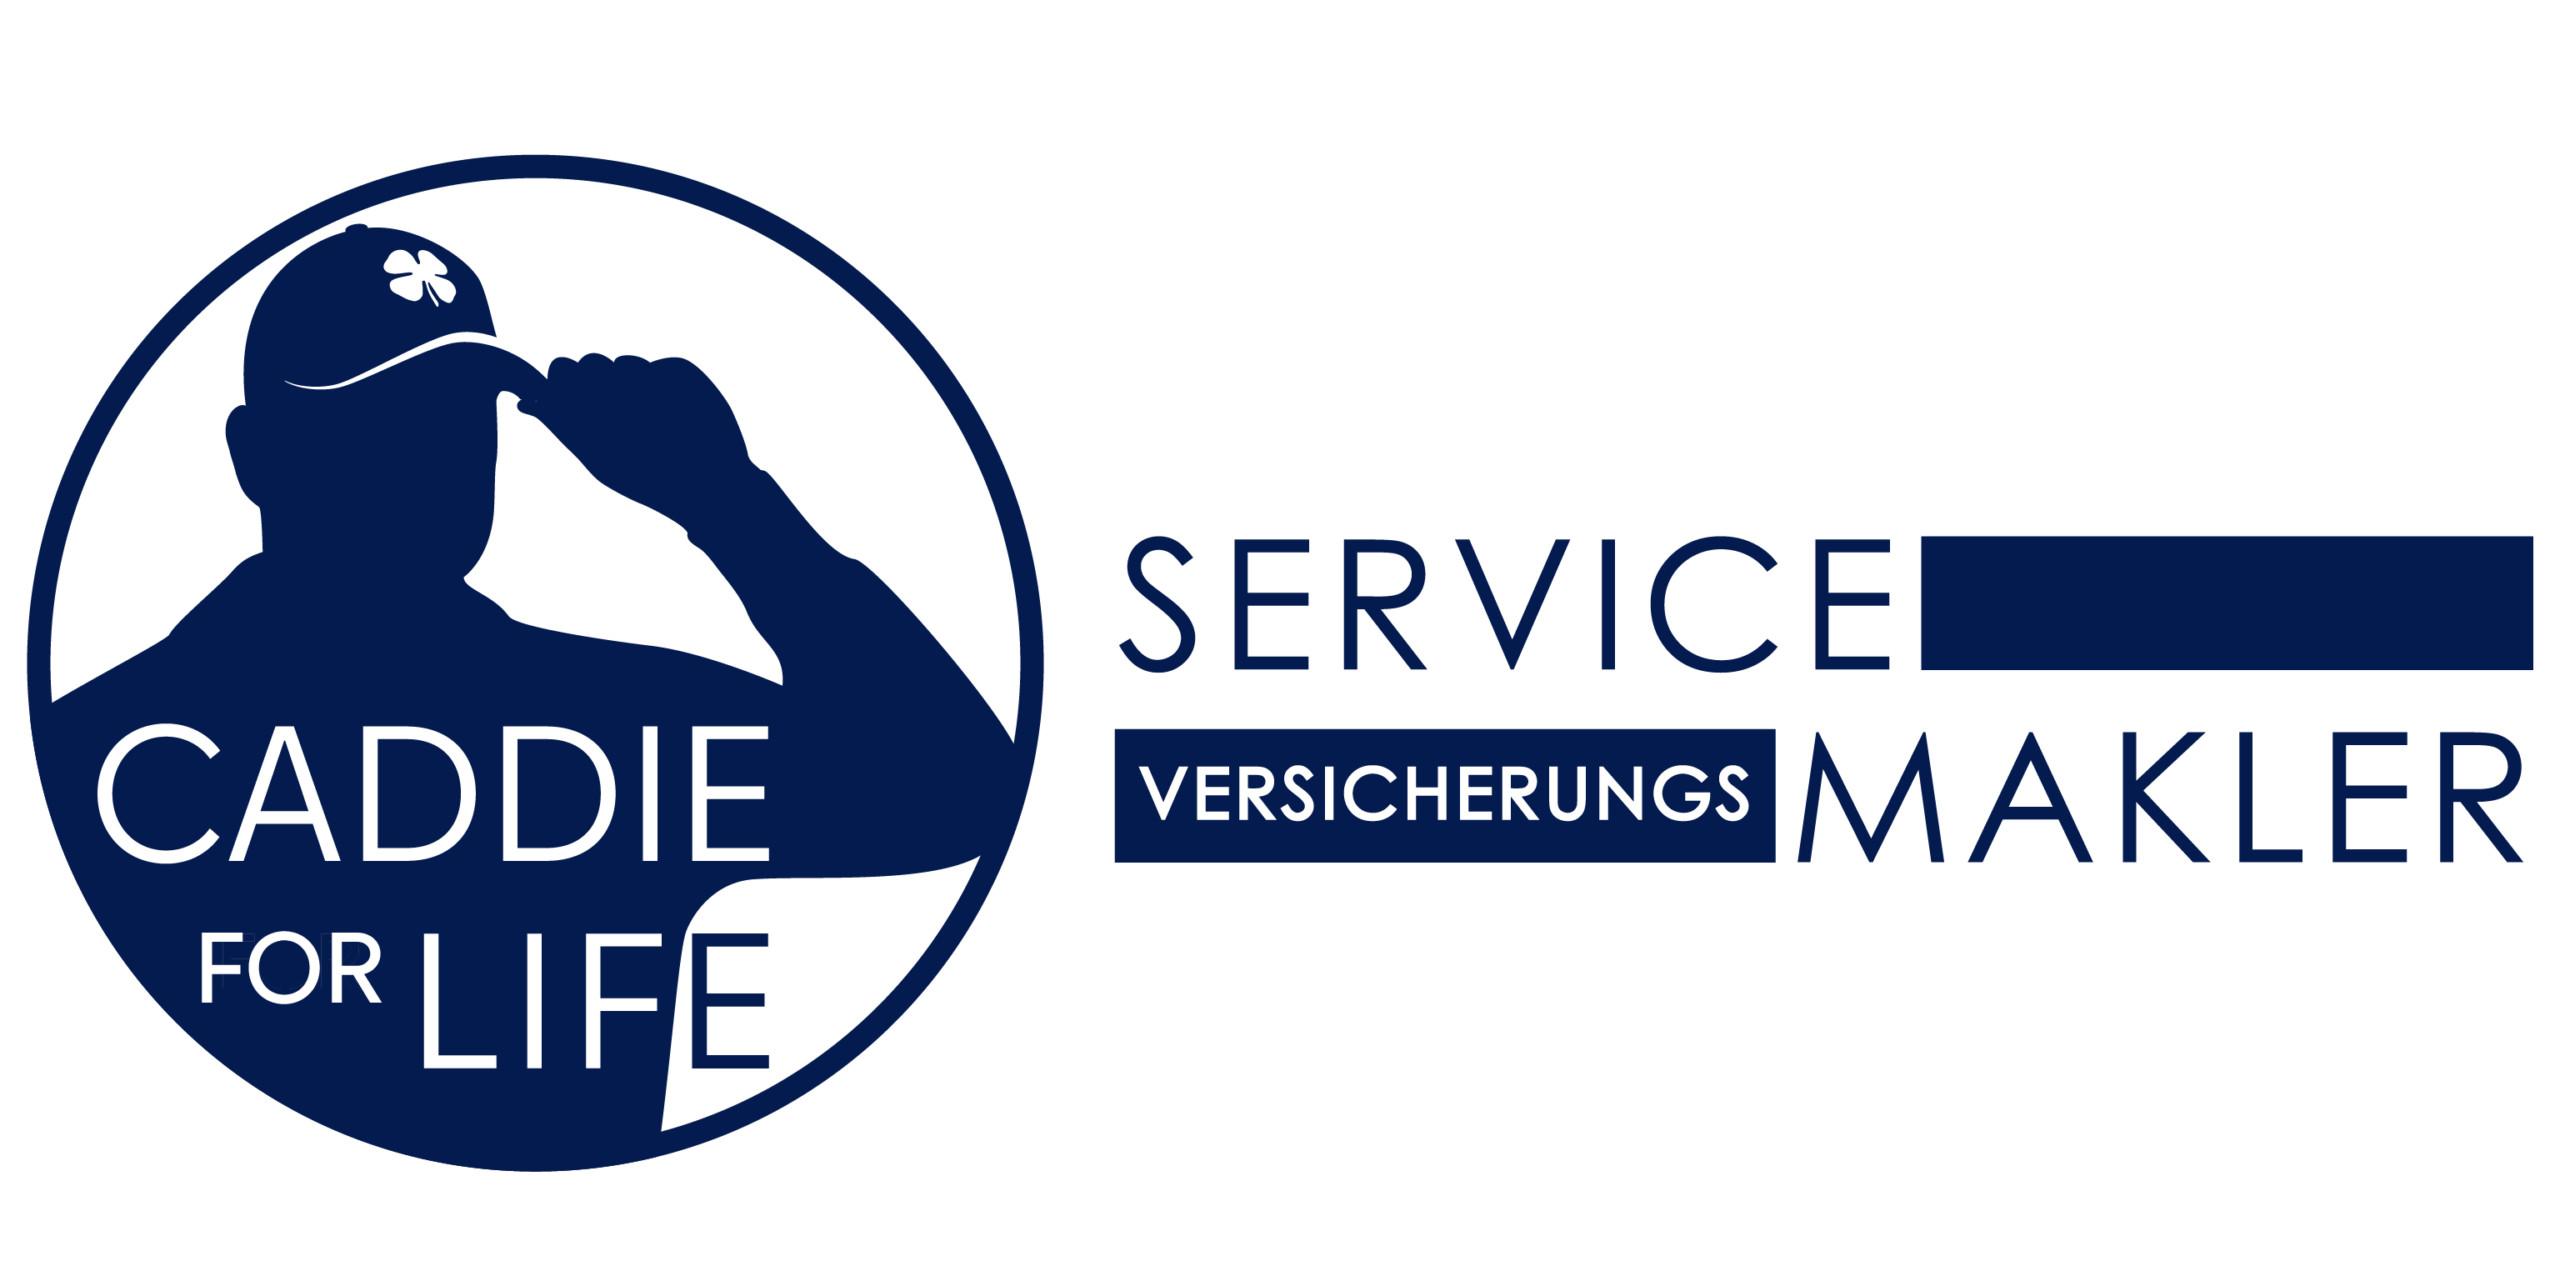 Caddie for Life Service Versicherungsmakler